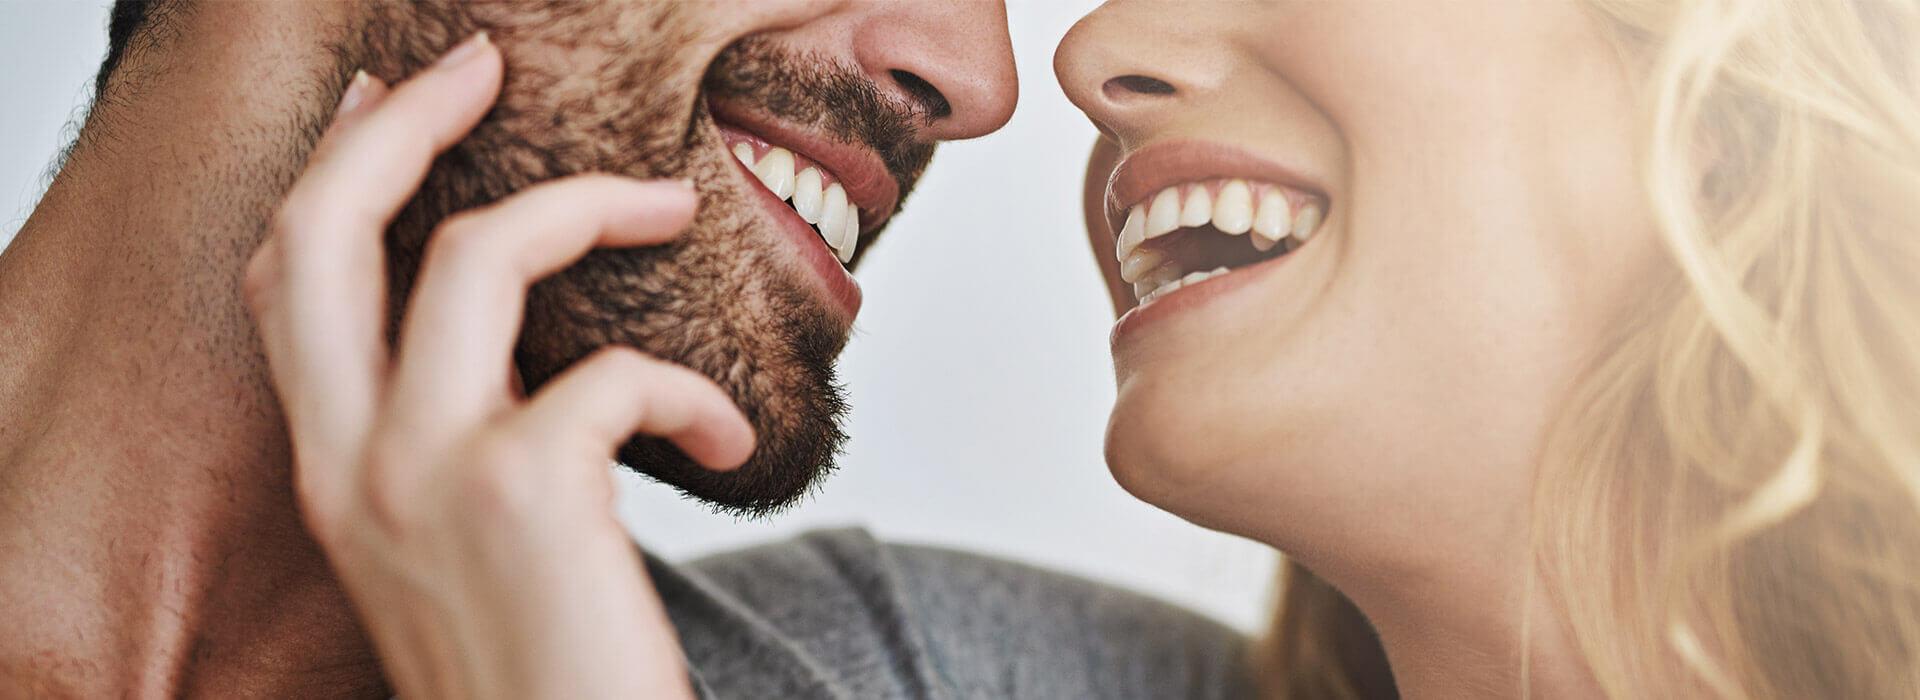 Überglückliches Paar strahlt wegen des günstigen und professionellen Zahnersatzes von ReDentes